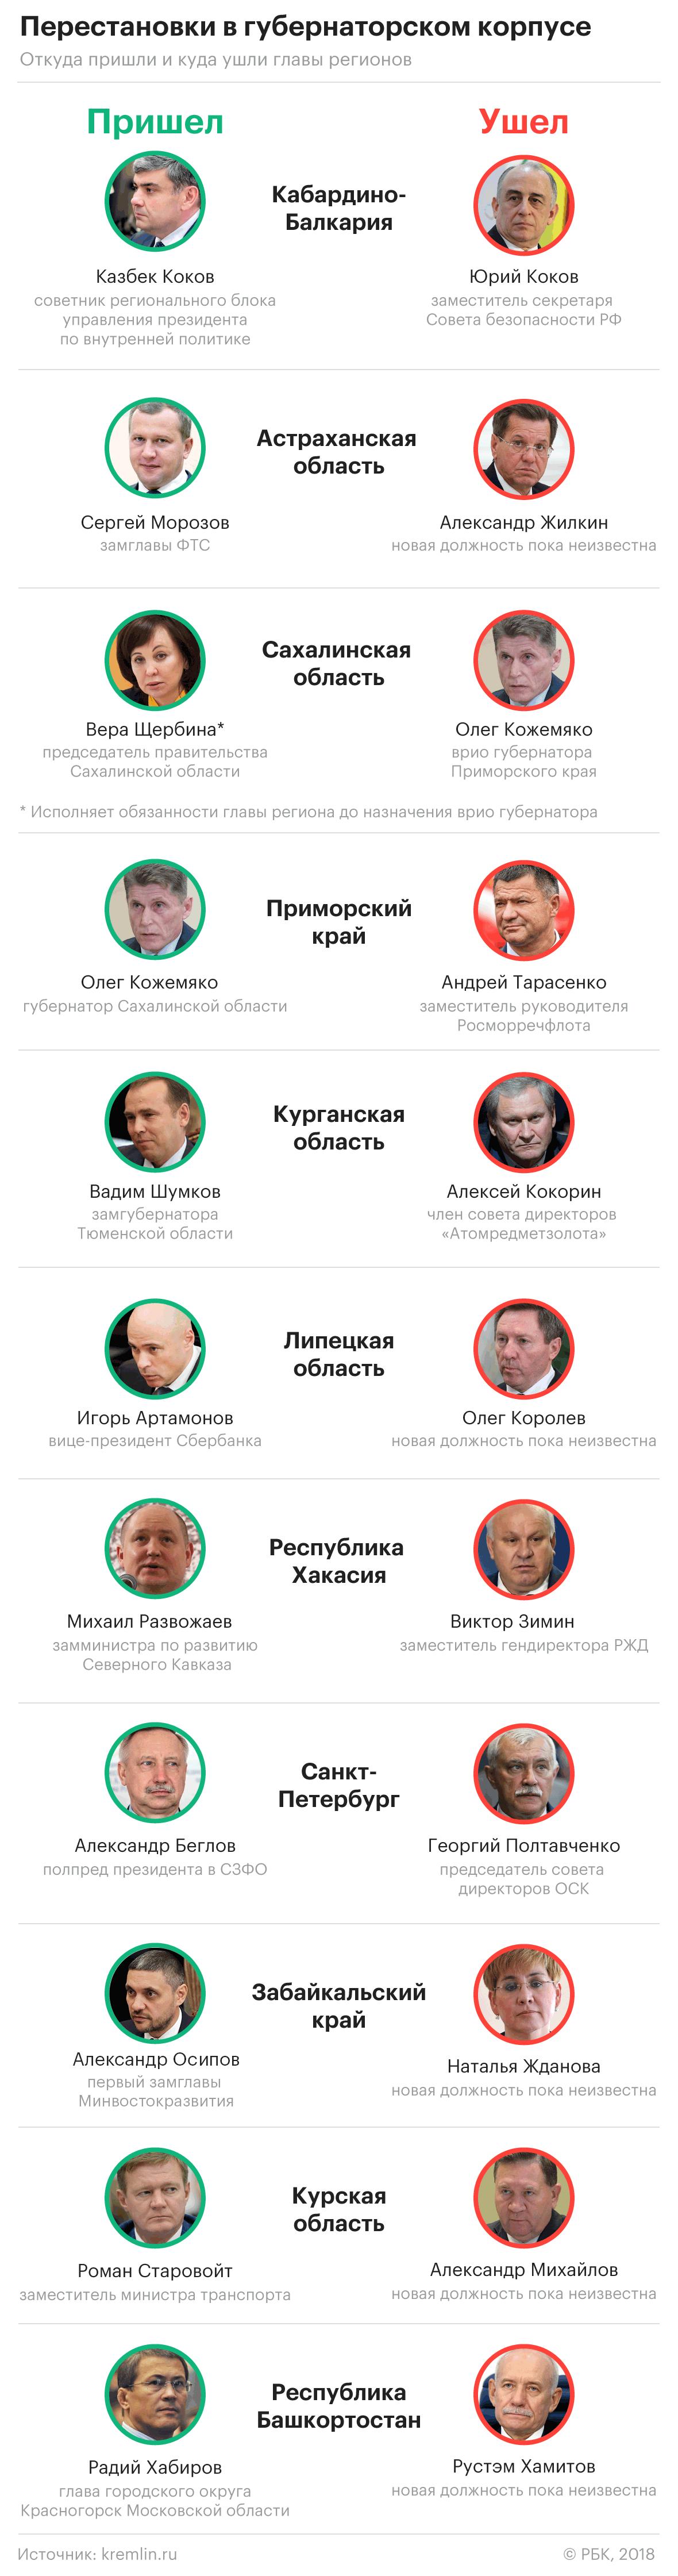 Кремль определился с основным сценарием выборов главы Петербурга